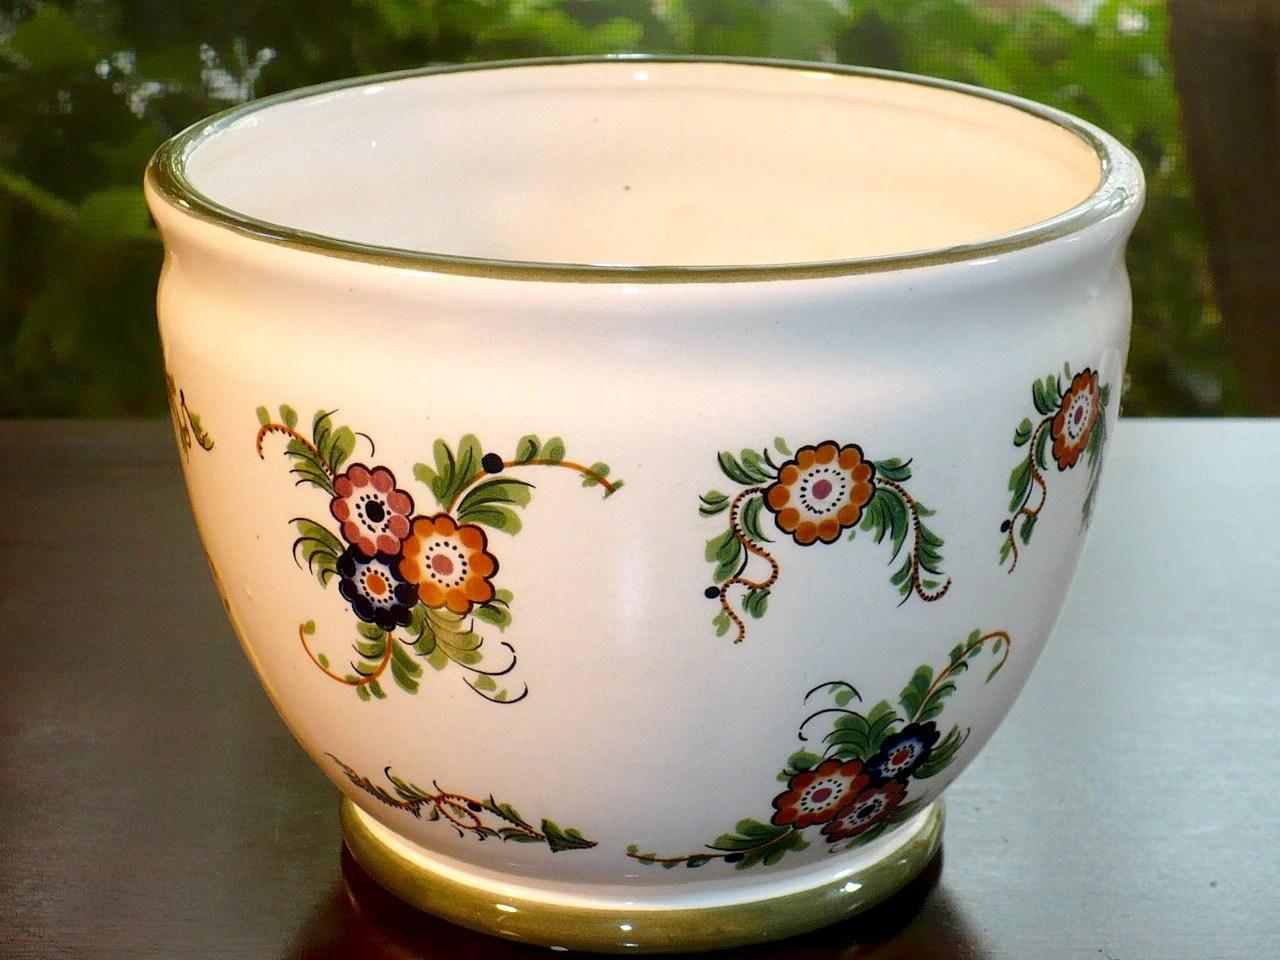 Italian Ceramic Flower Pot & Italian Flower Pots - Year of Clean Water